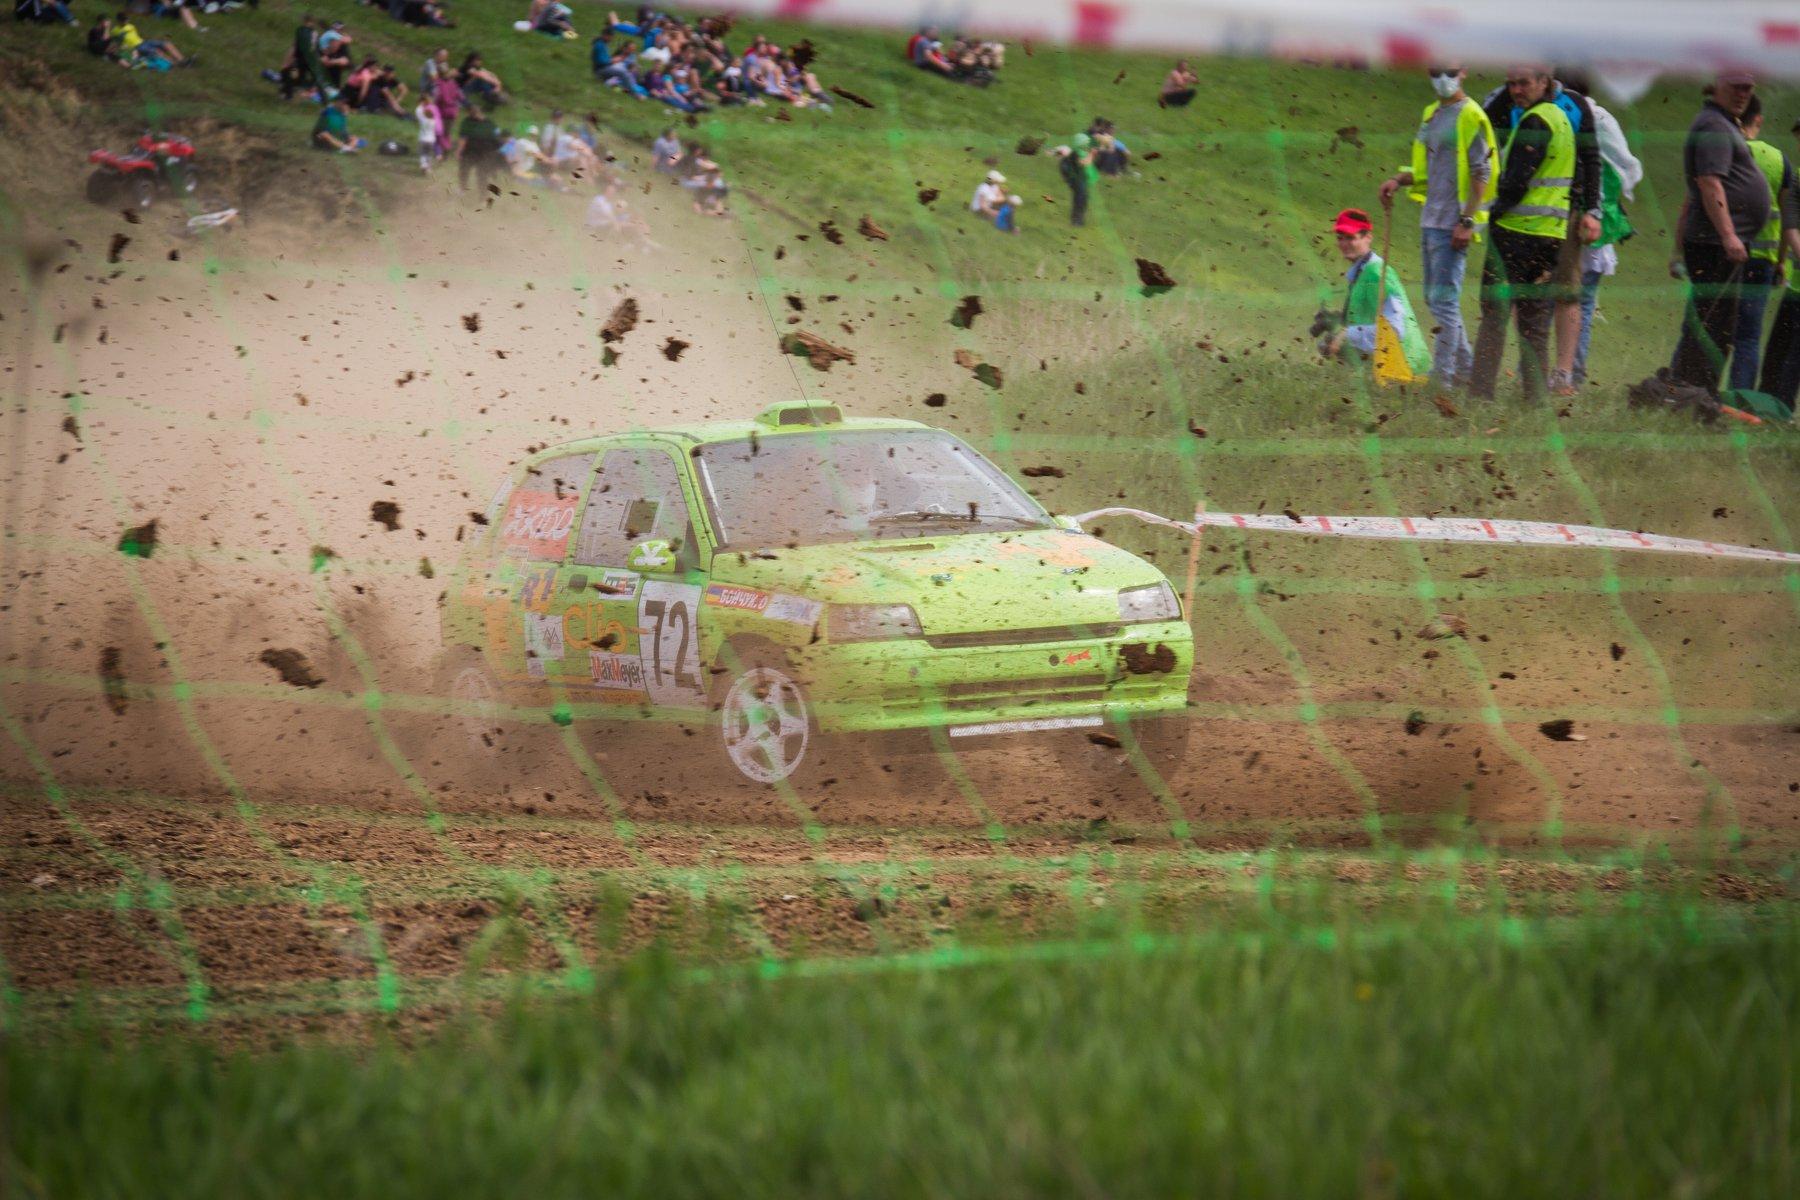 ралли, дорога, авто, гонка, грязь, Харьков, Simplici_mortE